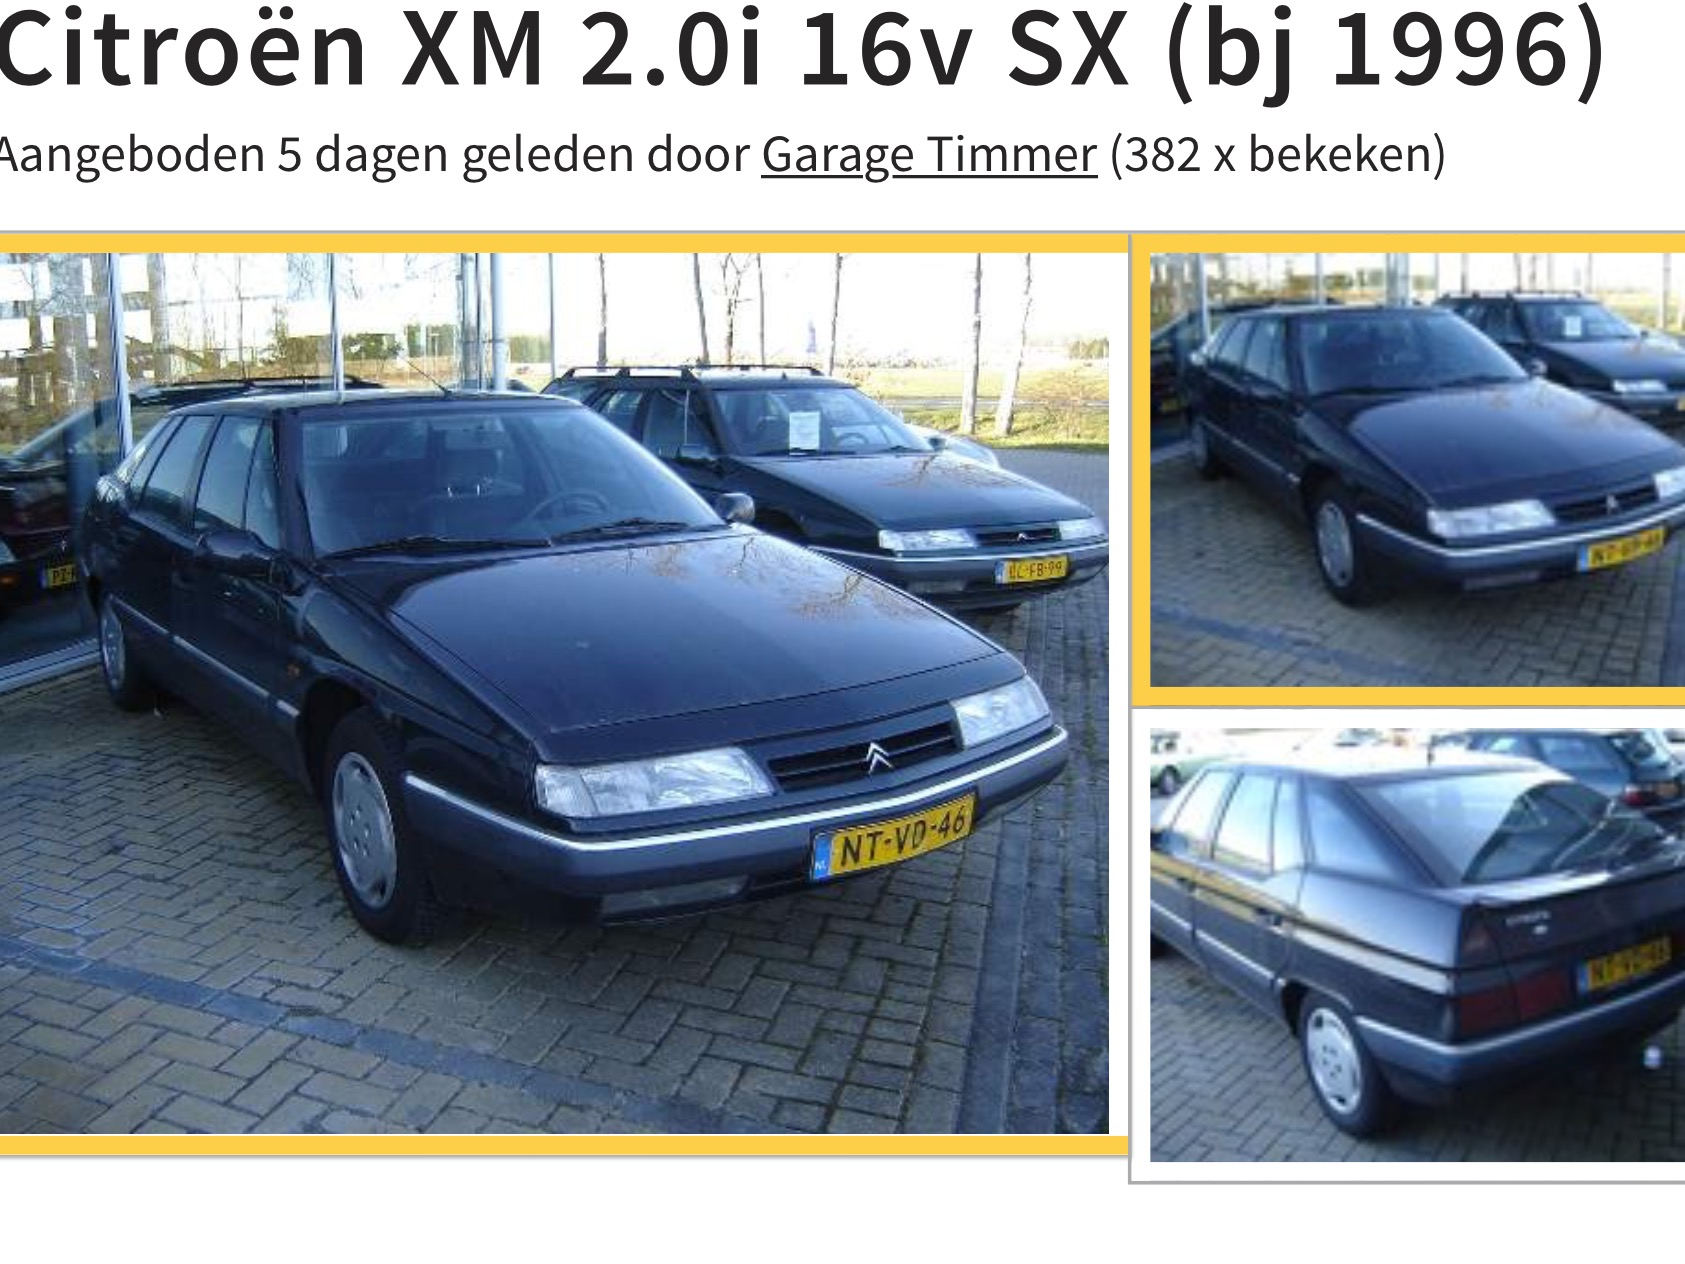 直輸入Xm プラン_c0105691_16511013.jpg